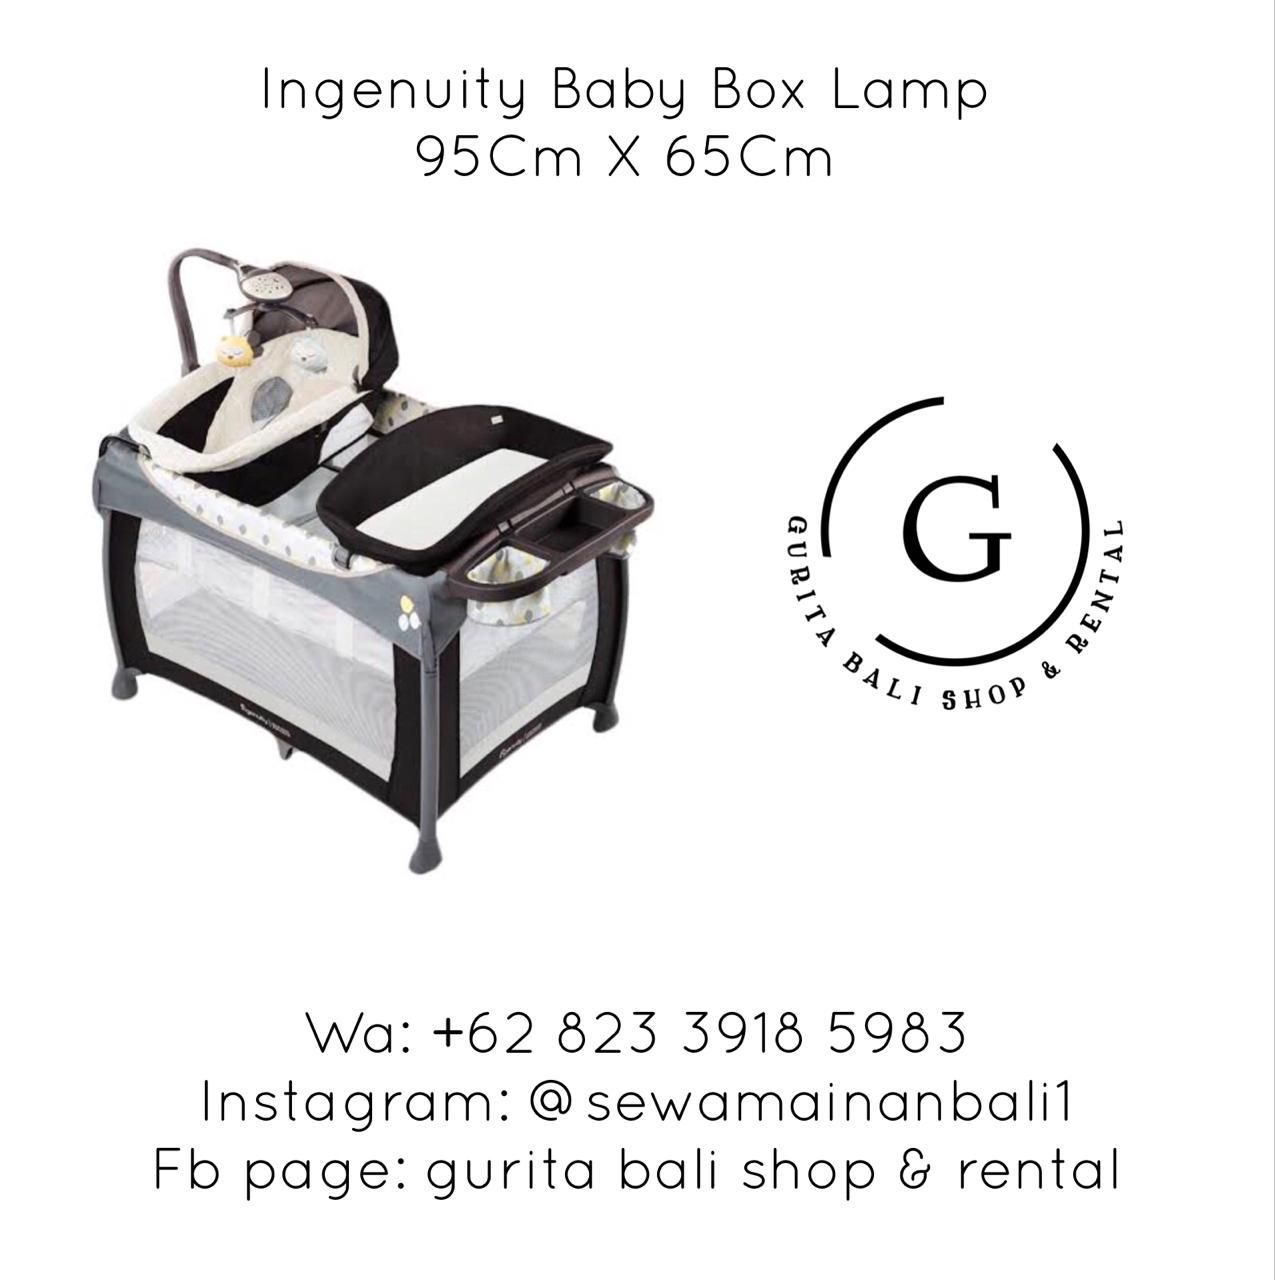 INGENUITY BABY BOX LAMP